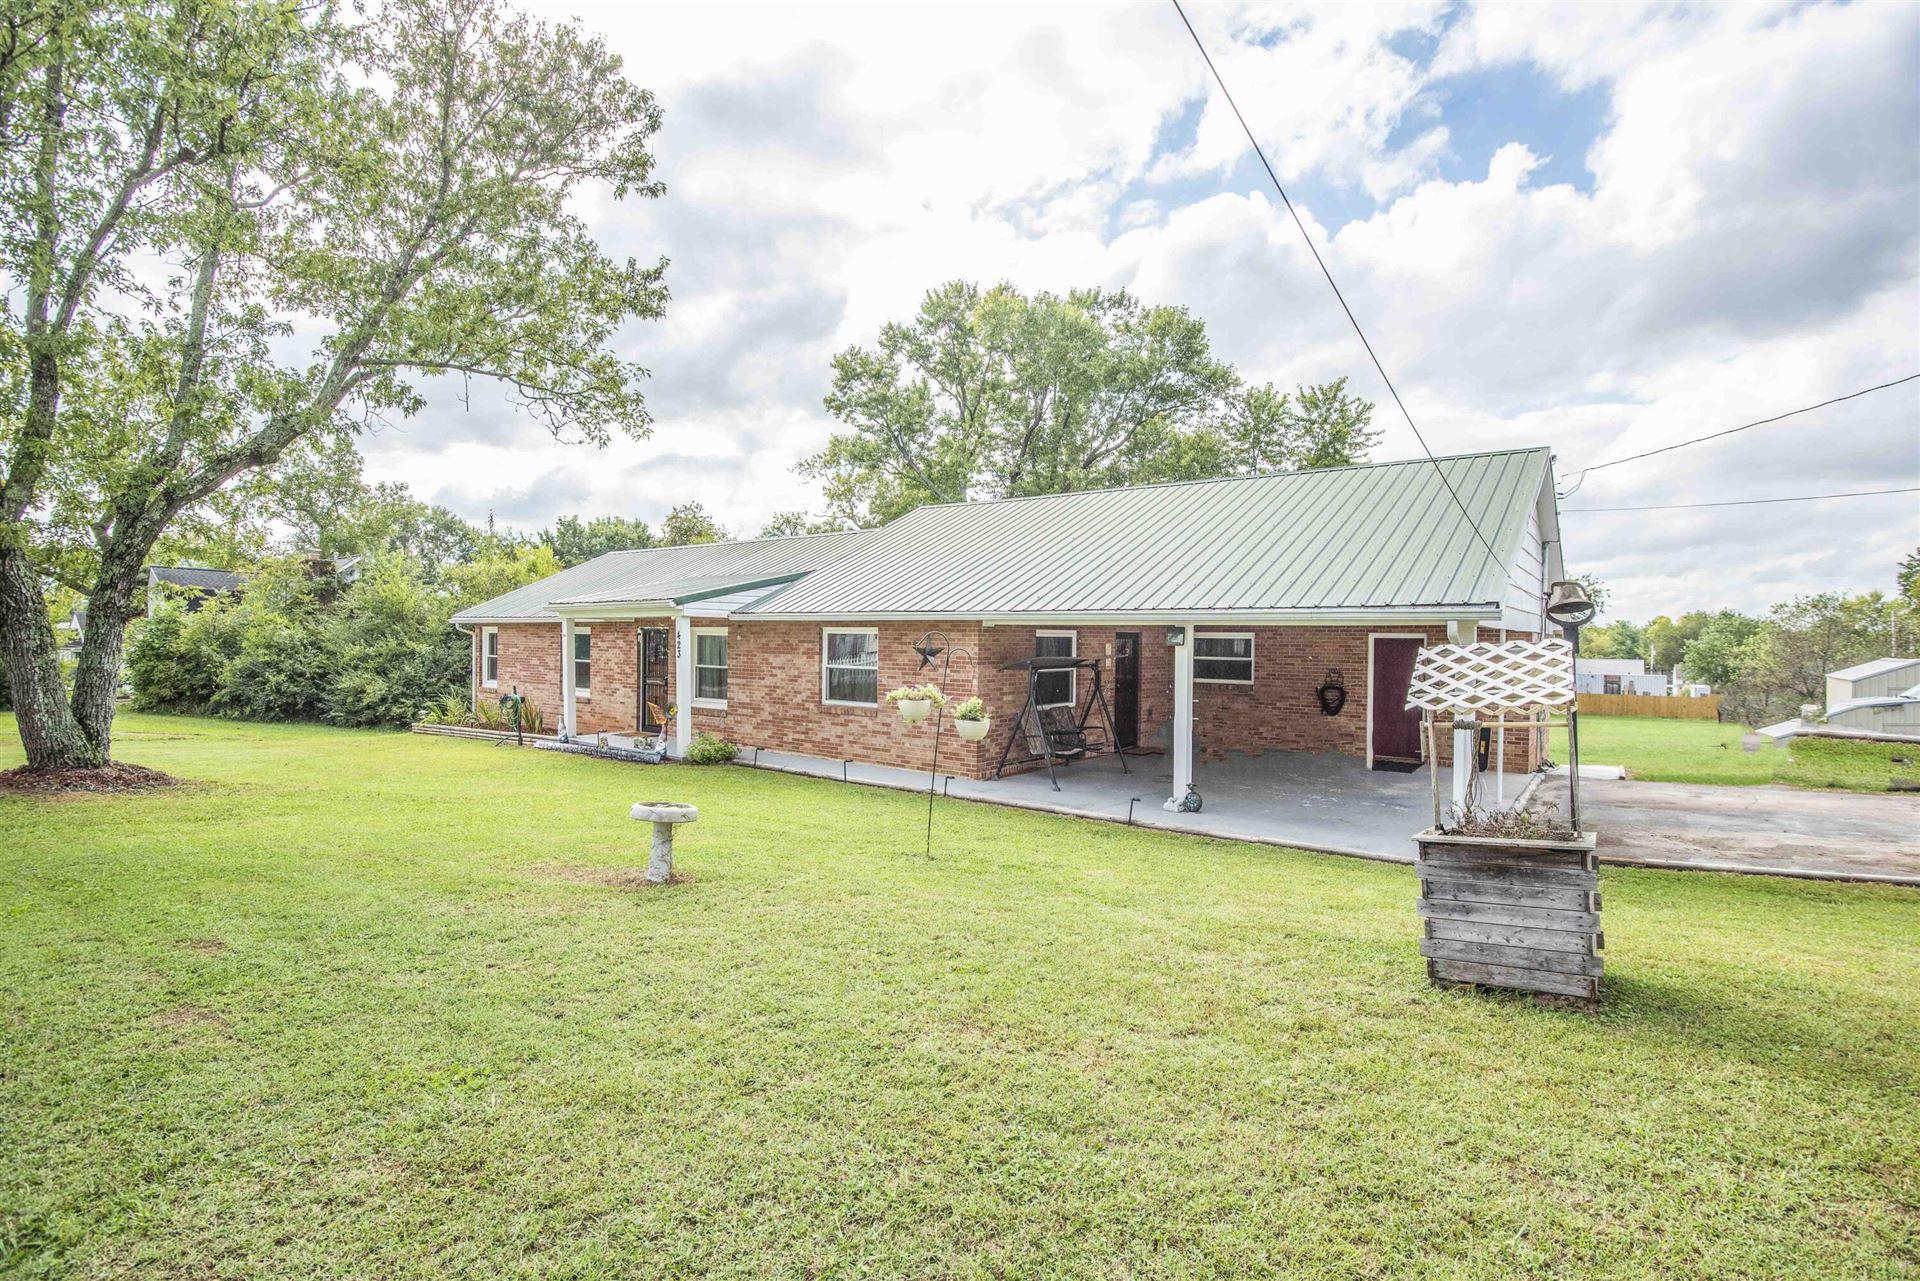 Photo of 423 Eagleton Rd, Maryville, TN 37804 (MLS # 1166580)